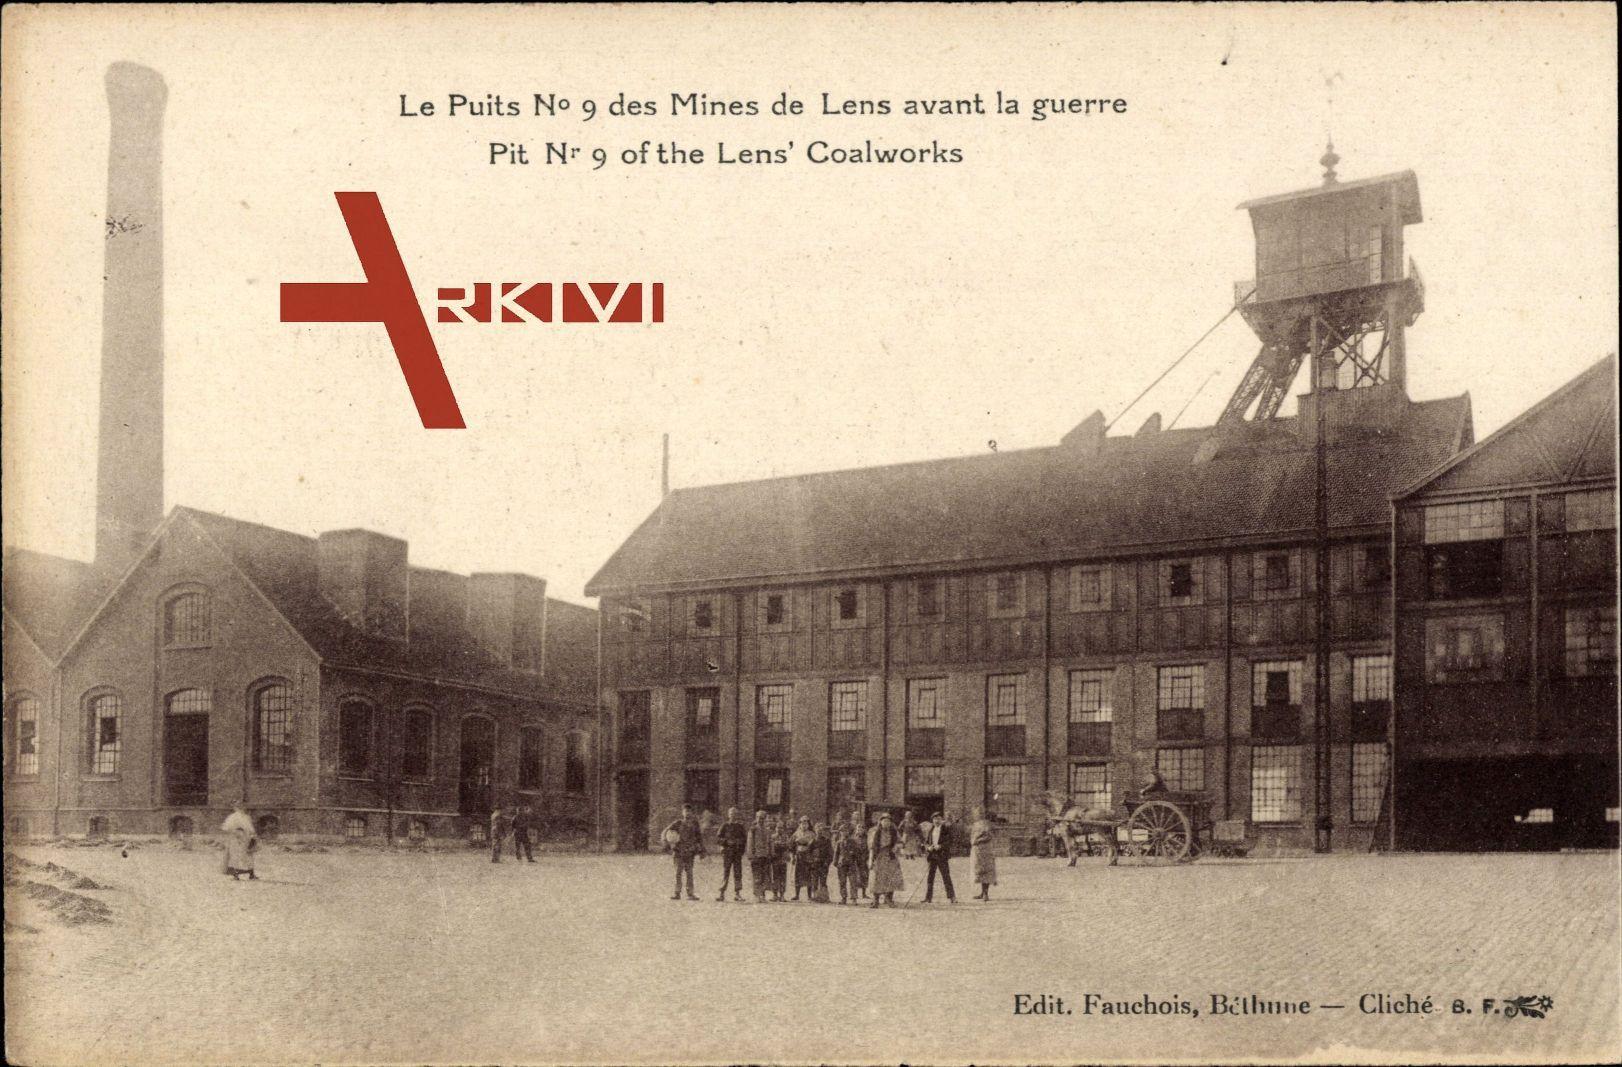 Lens in Pas-de-Calais, Minen-Schacht Nr. 9 vor dem Krieg - Le Puits No 9 des Mines avant la guerre, Coalworks